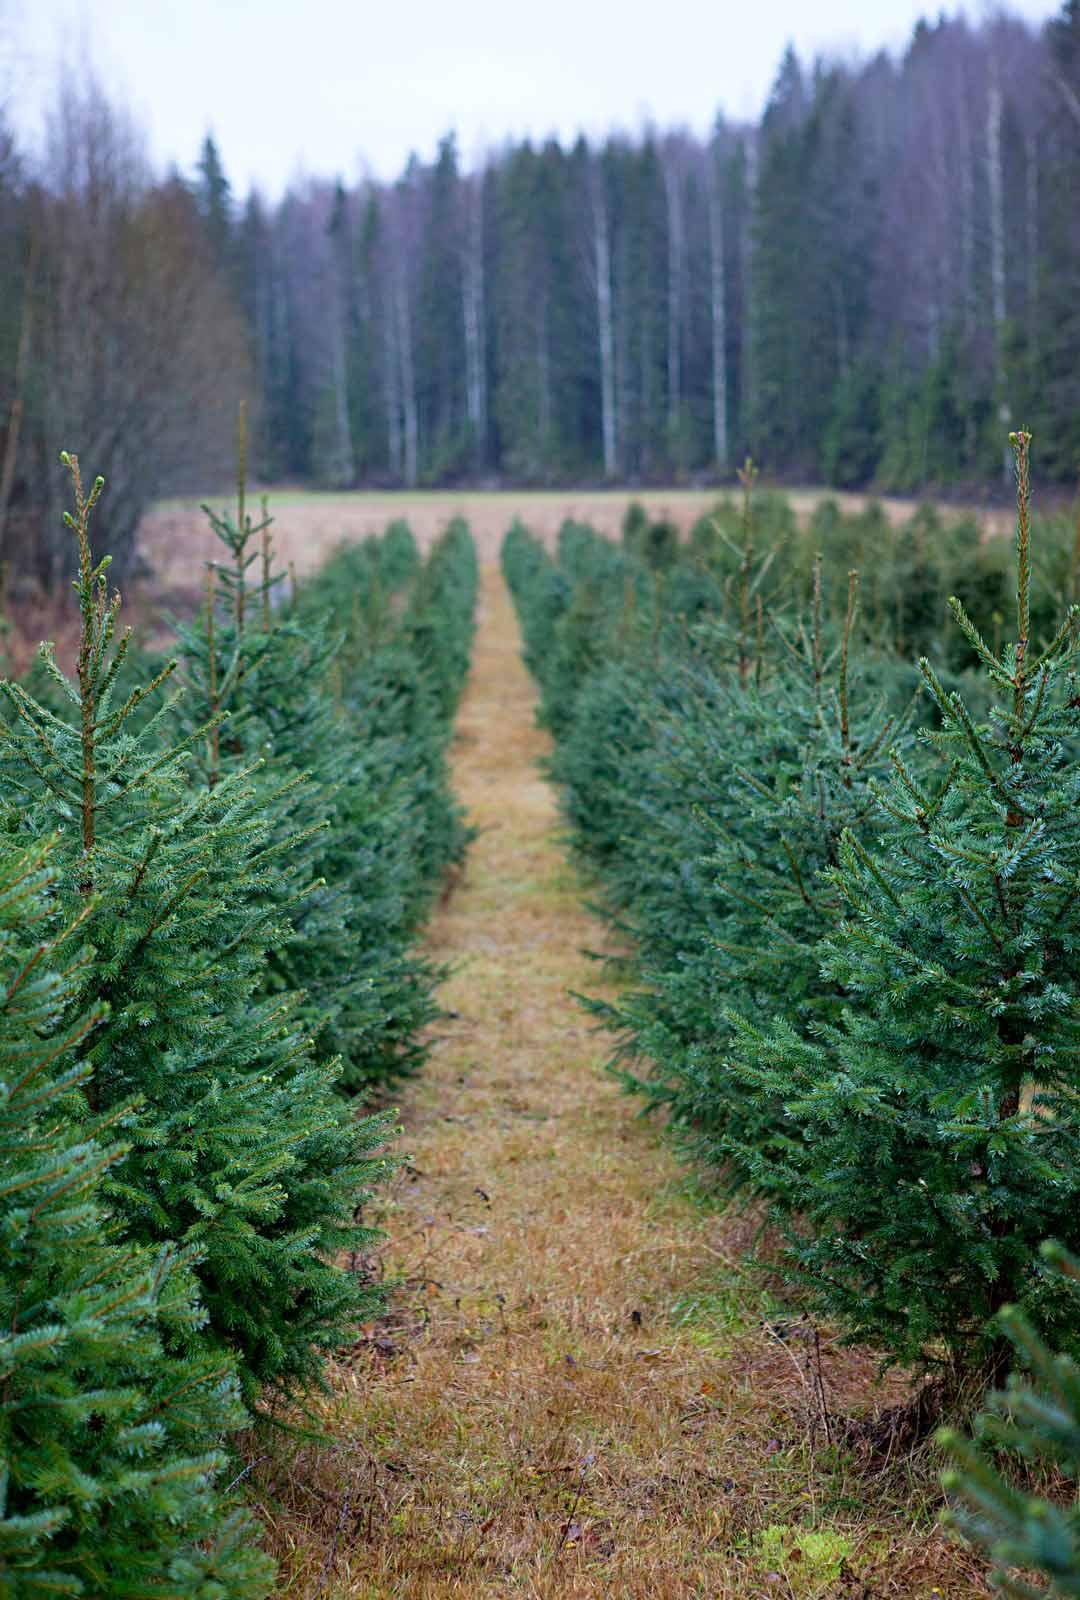 Joulupuuseuran mukaan suomalaisiin koteihin ostetaan noin 1,4 miljoonaa joulukuusta. Suosituin on metsäkuusi.